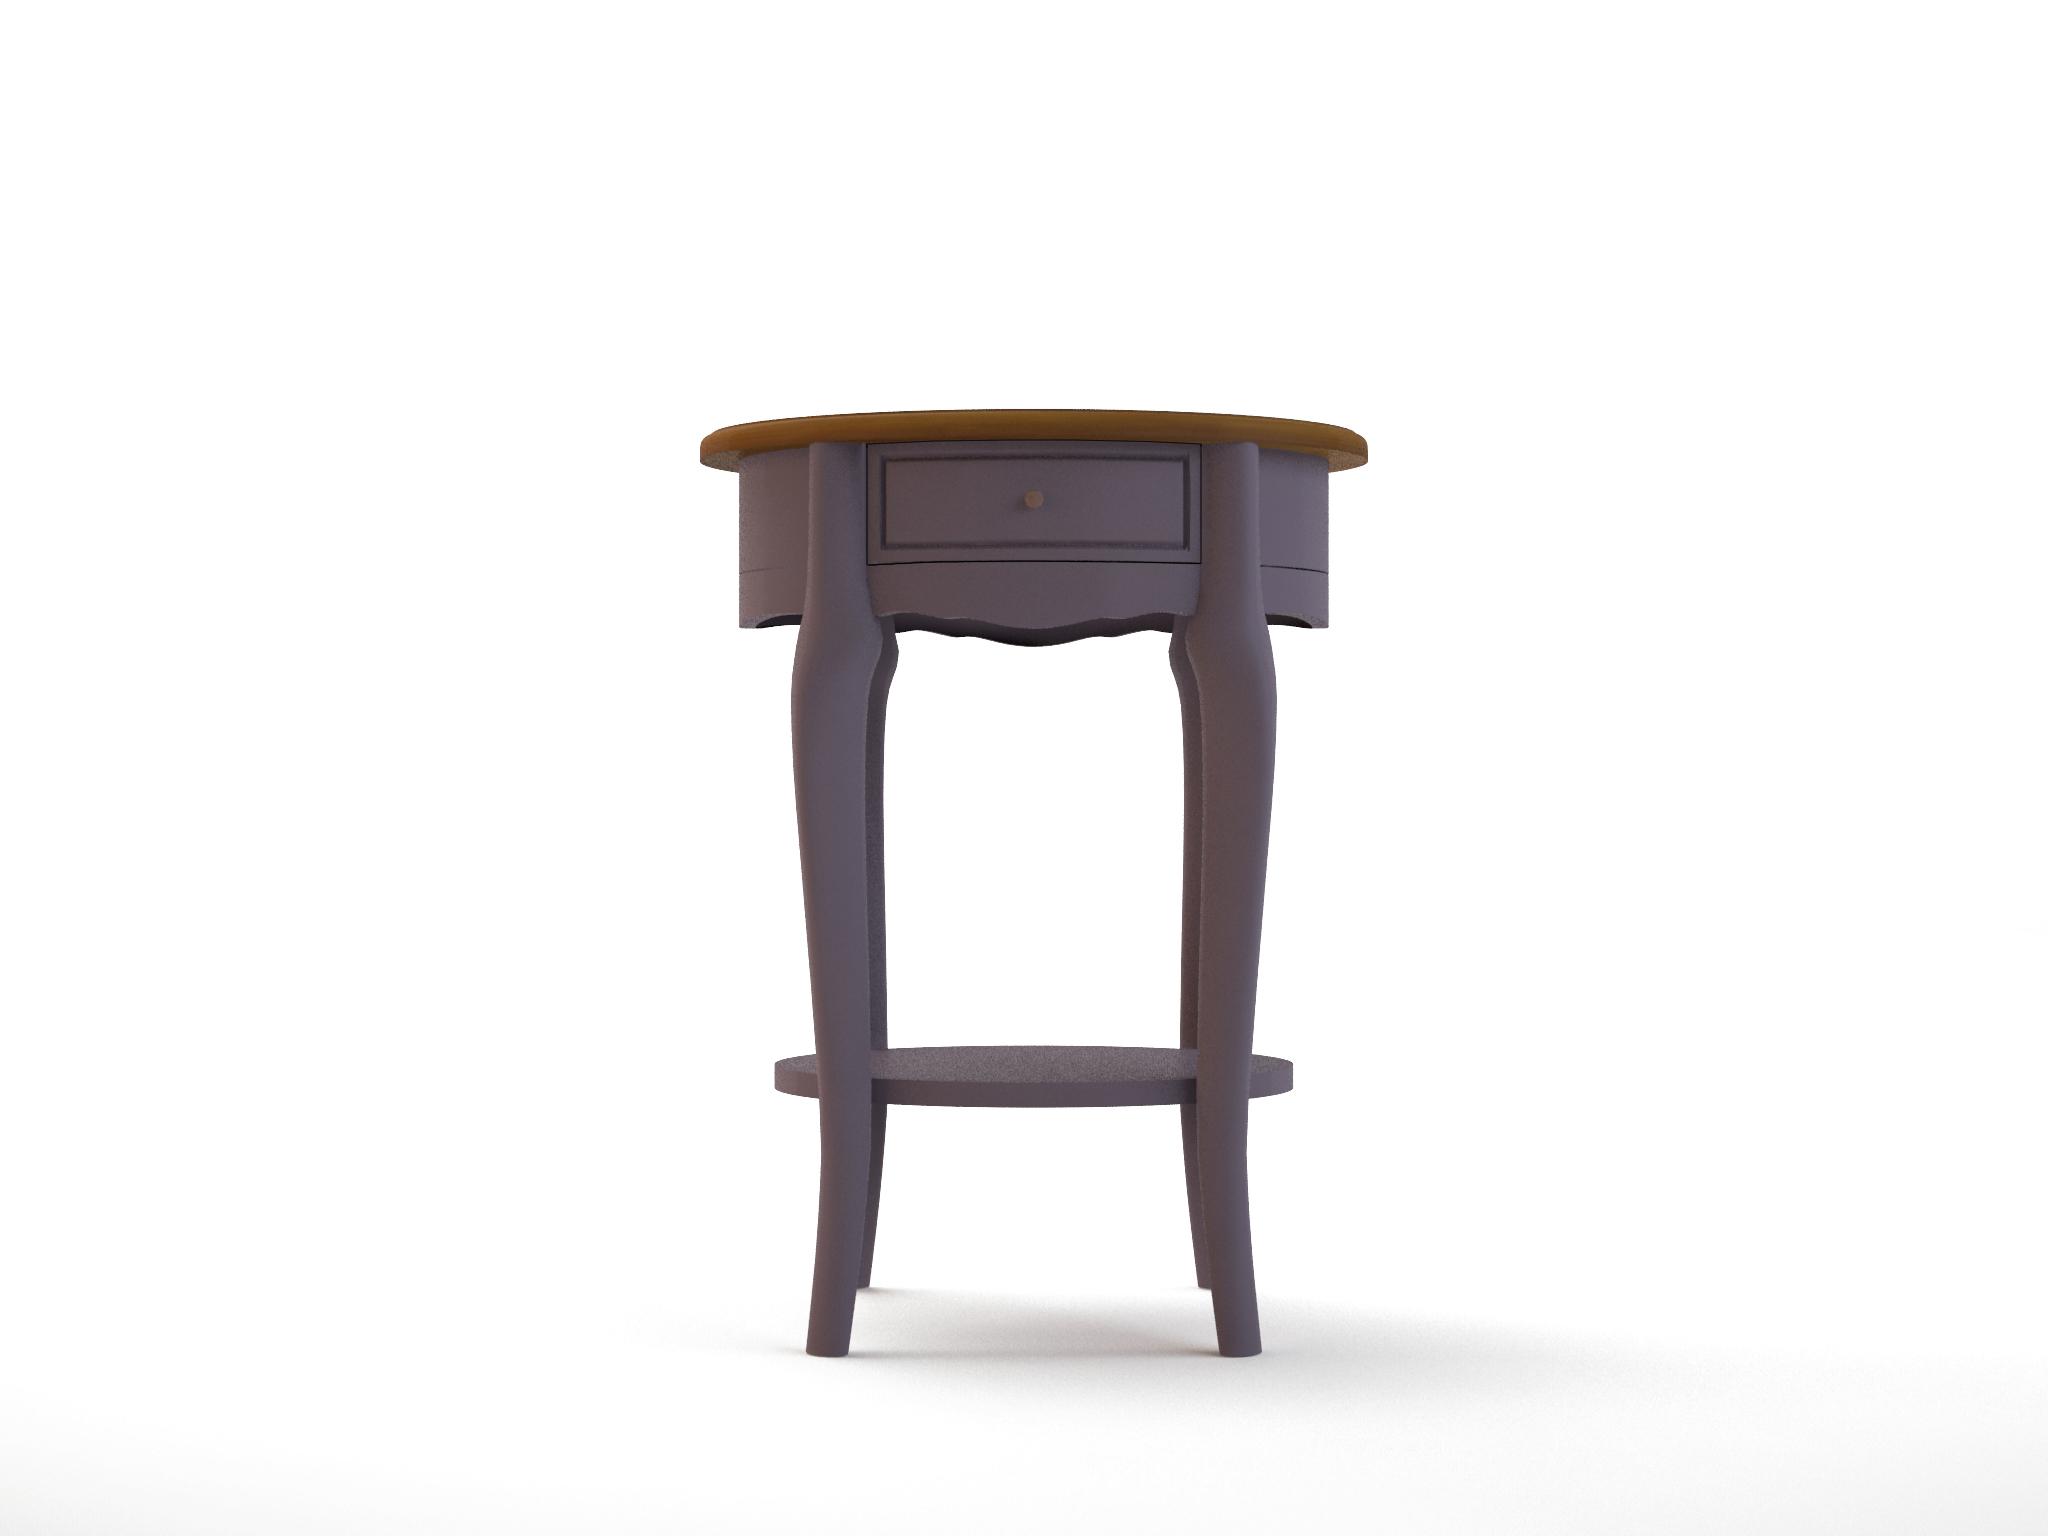 Овальный столик Leontina lavandaПриставные столики<br>Материал: Массив березы,Массив ясеня<br><br>Material: Дерево<br>Width см: 55<br>Depth см: 43<br>Height см: 72